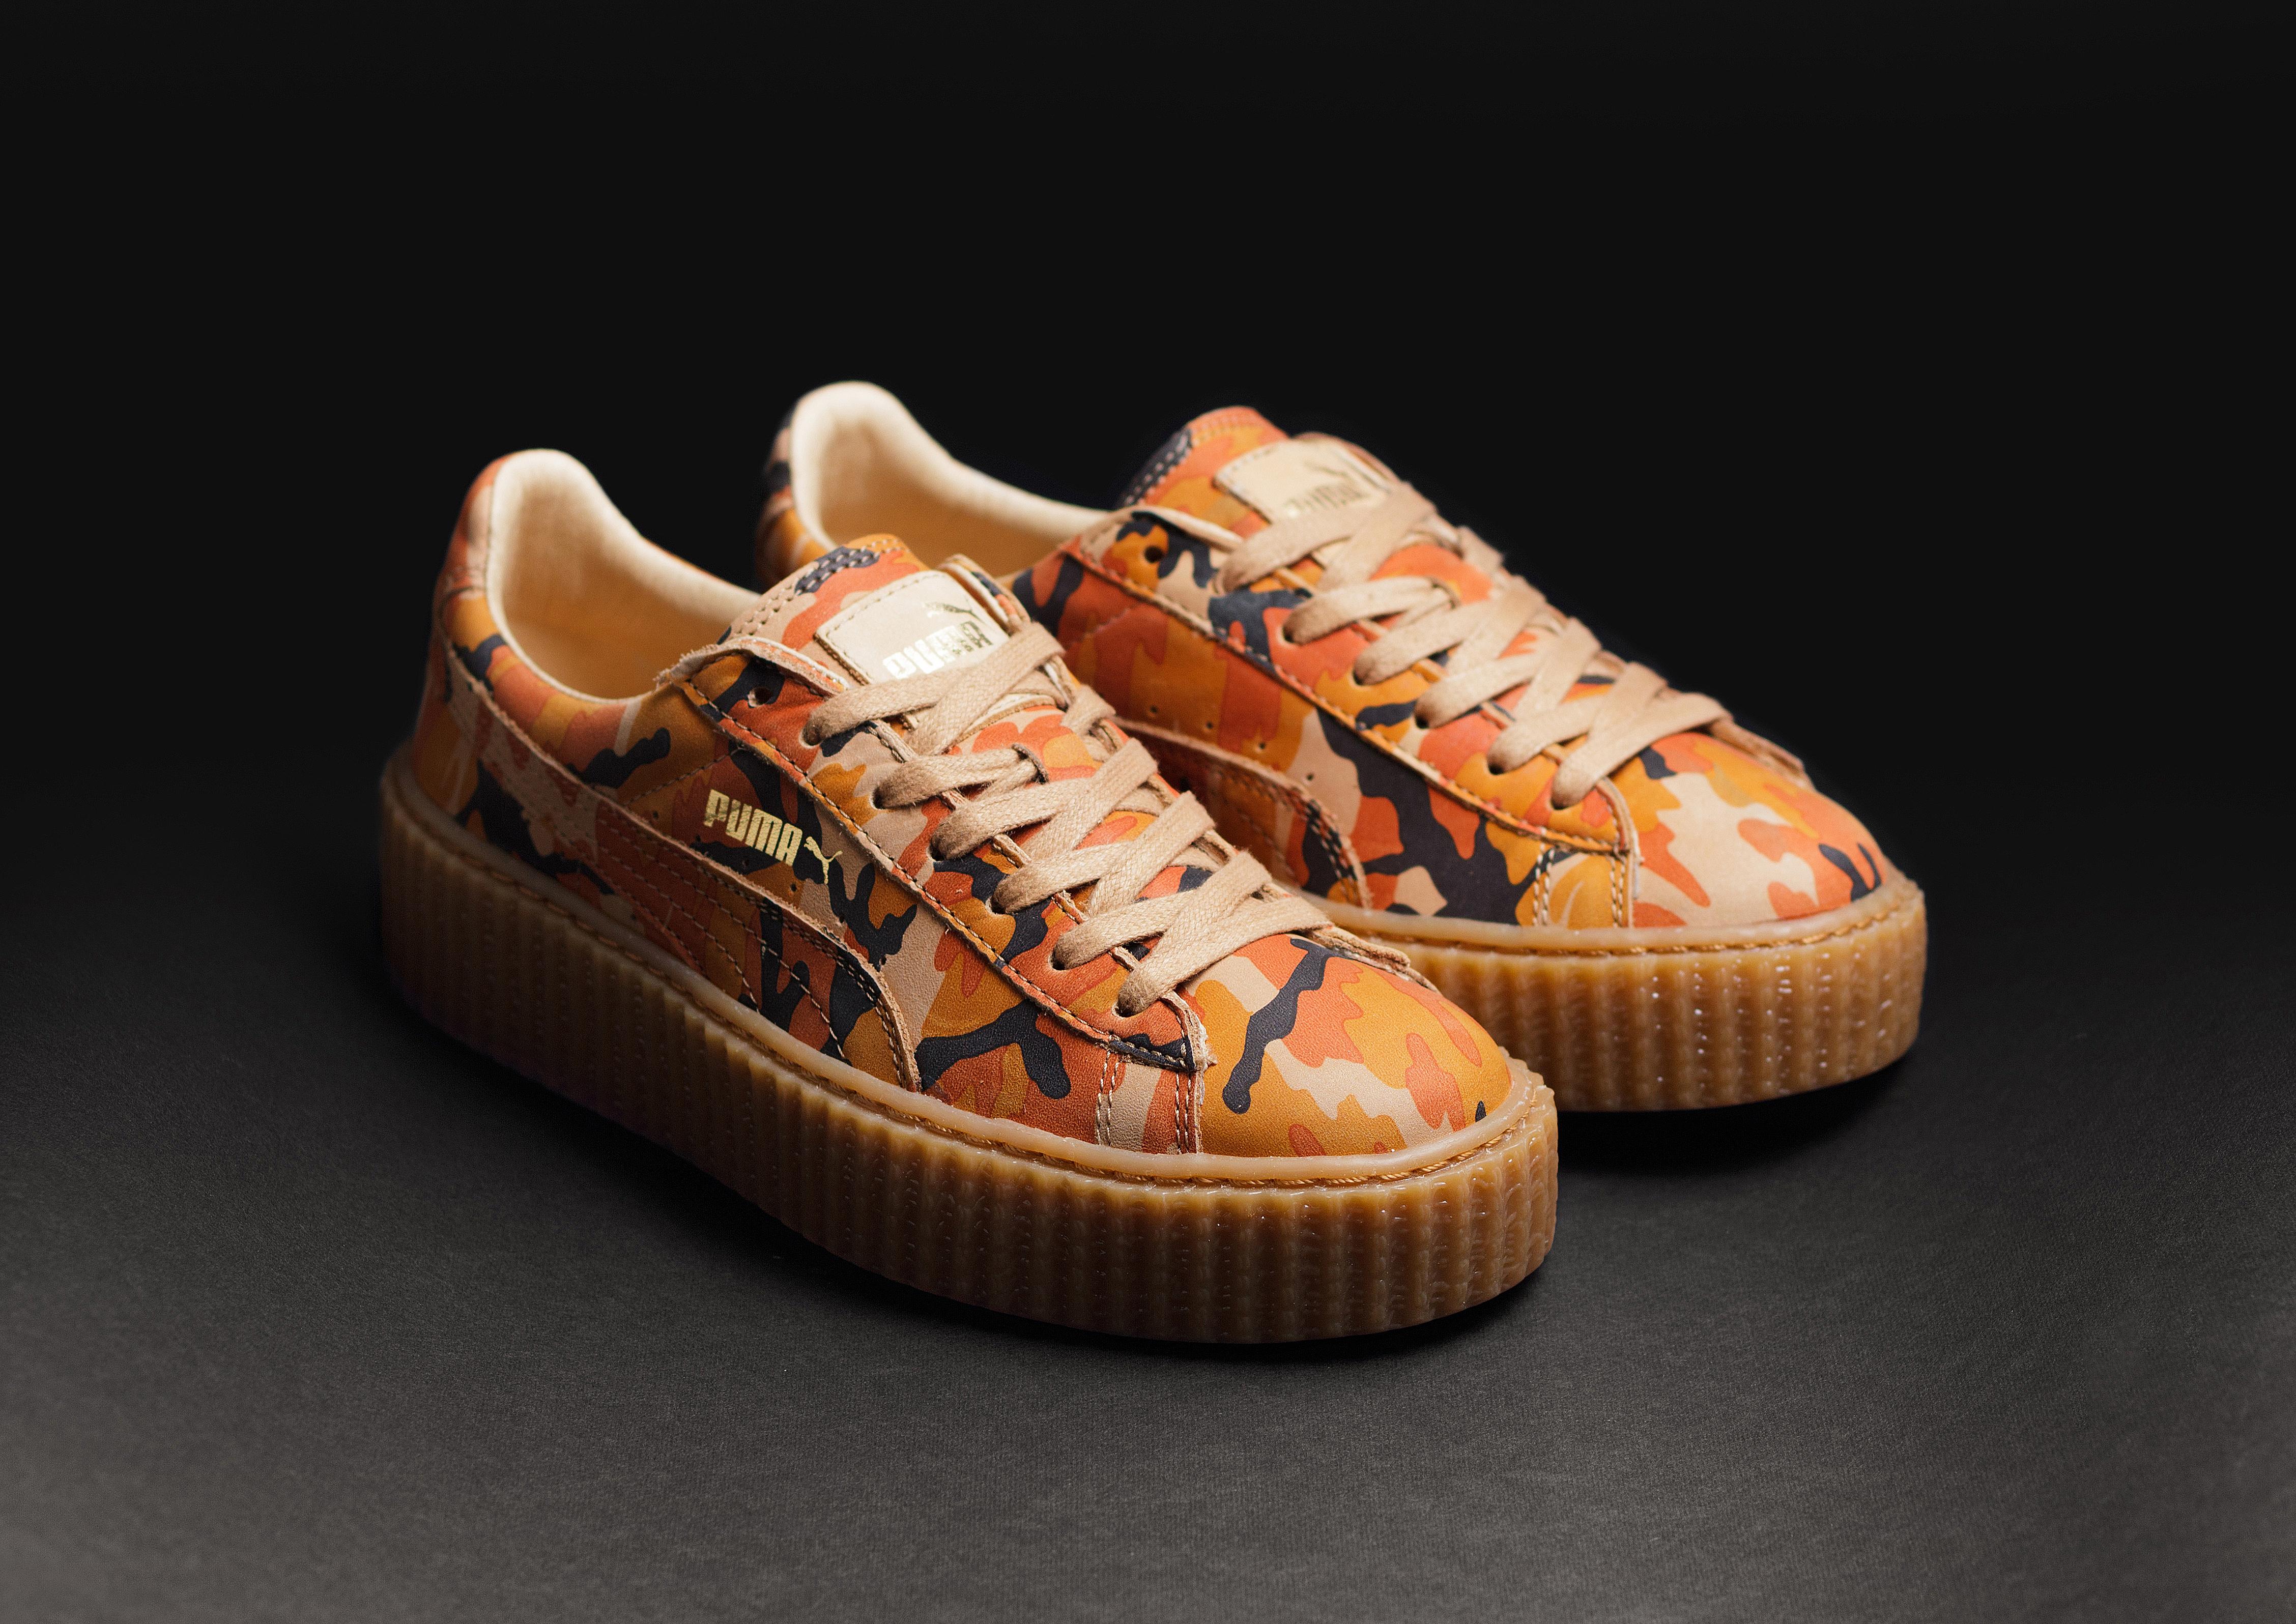 ac1fc5c0c799a0 Acquista scarpe puma verde | fino a OFF39% sconti